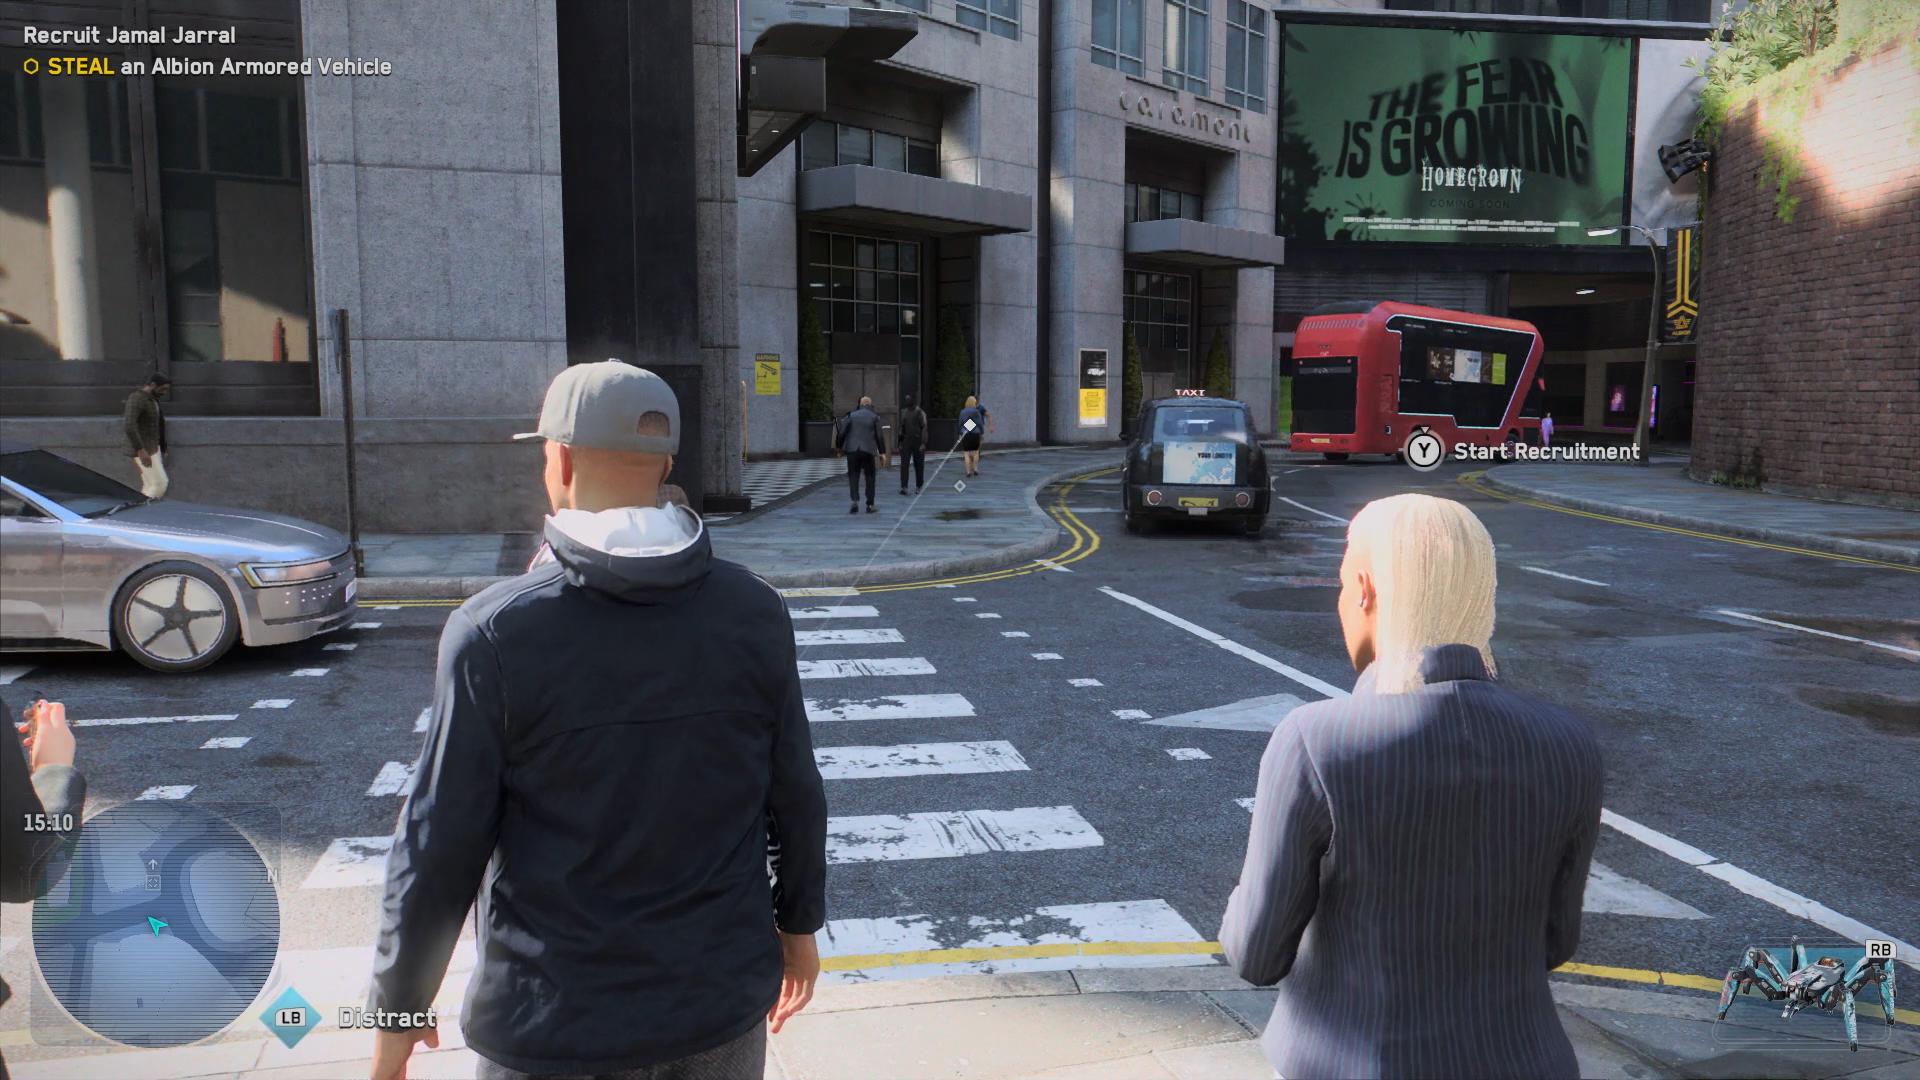 In-game street scene